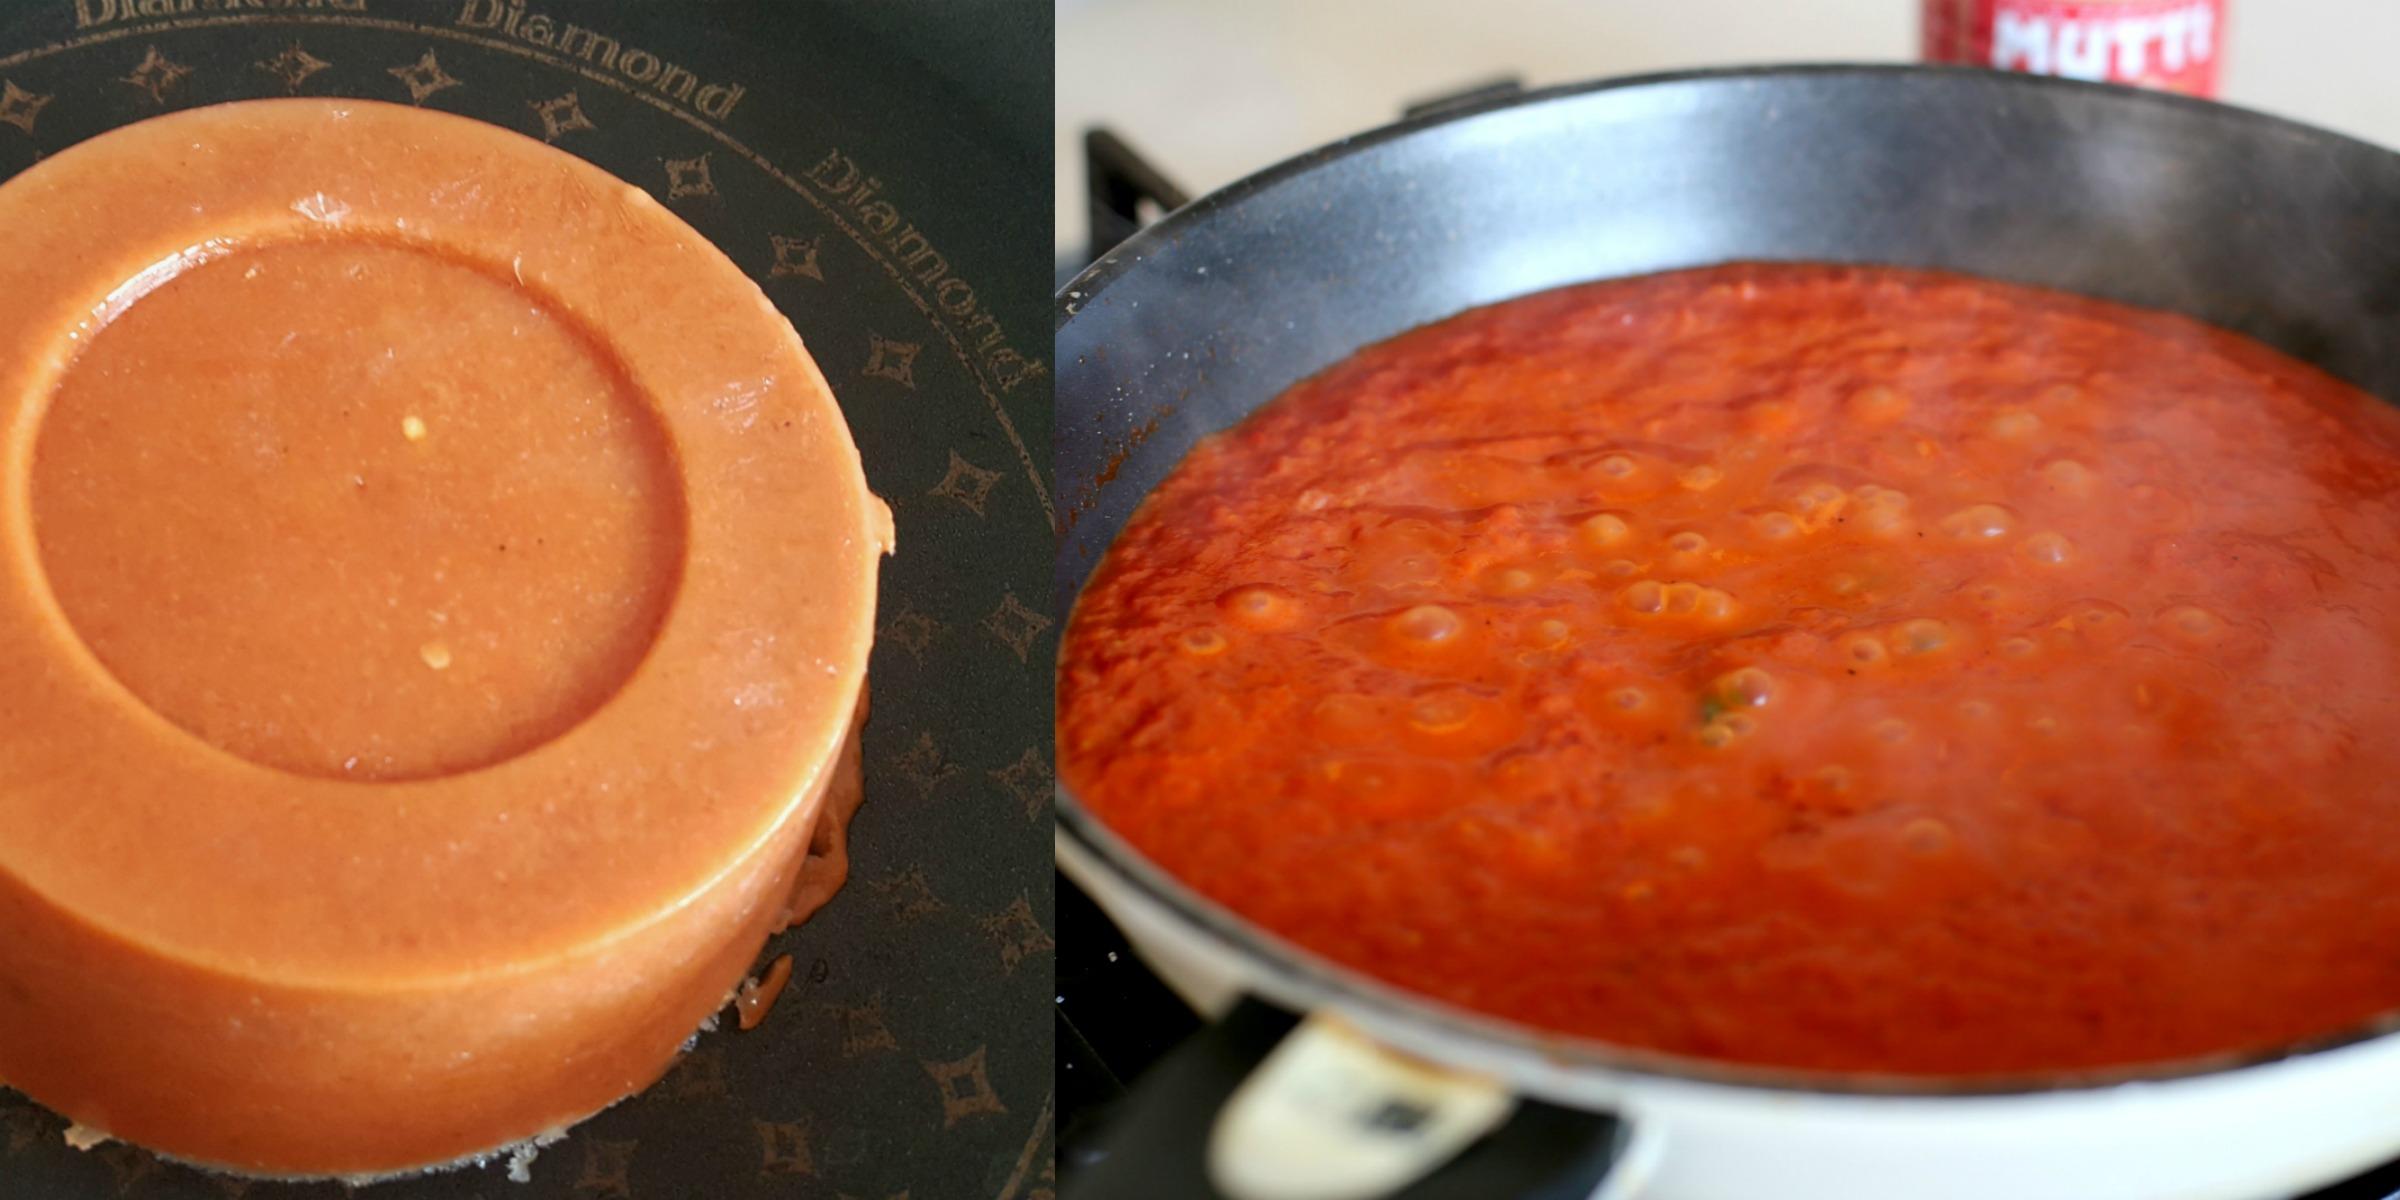 האם מותר להקפיא רוטב מבושל לפסטה | טיפים פרקטיים למטבח | הבלוג של אשת סטייל EshetStyle (צילום: טליה הדר)